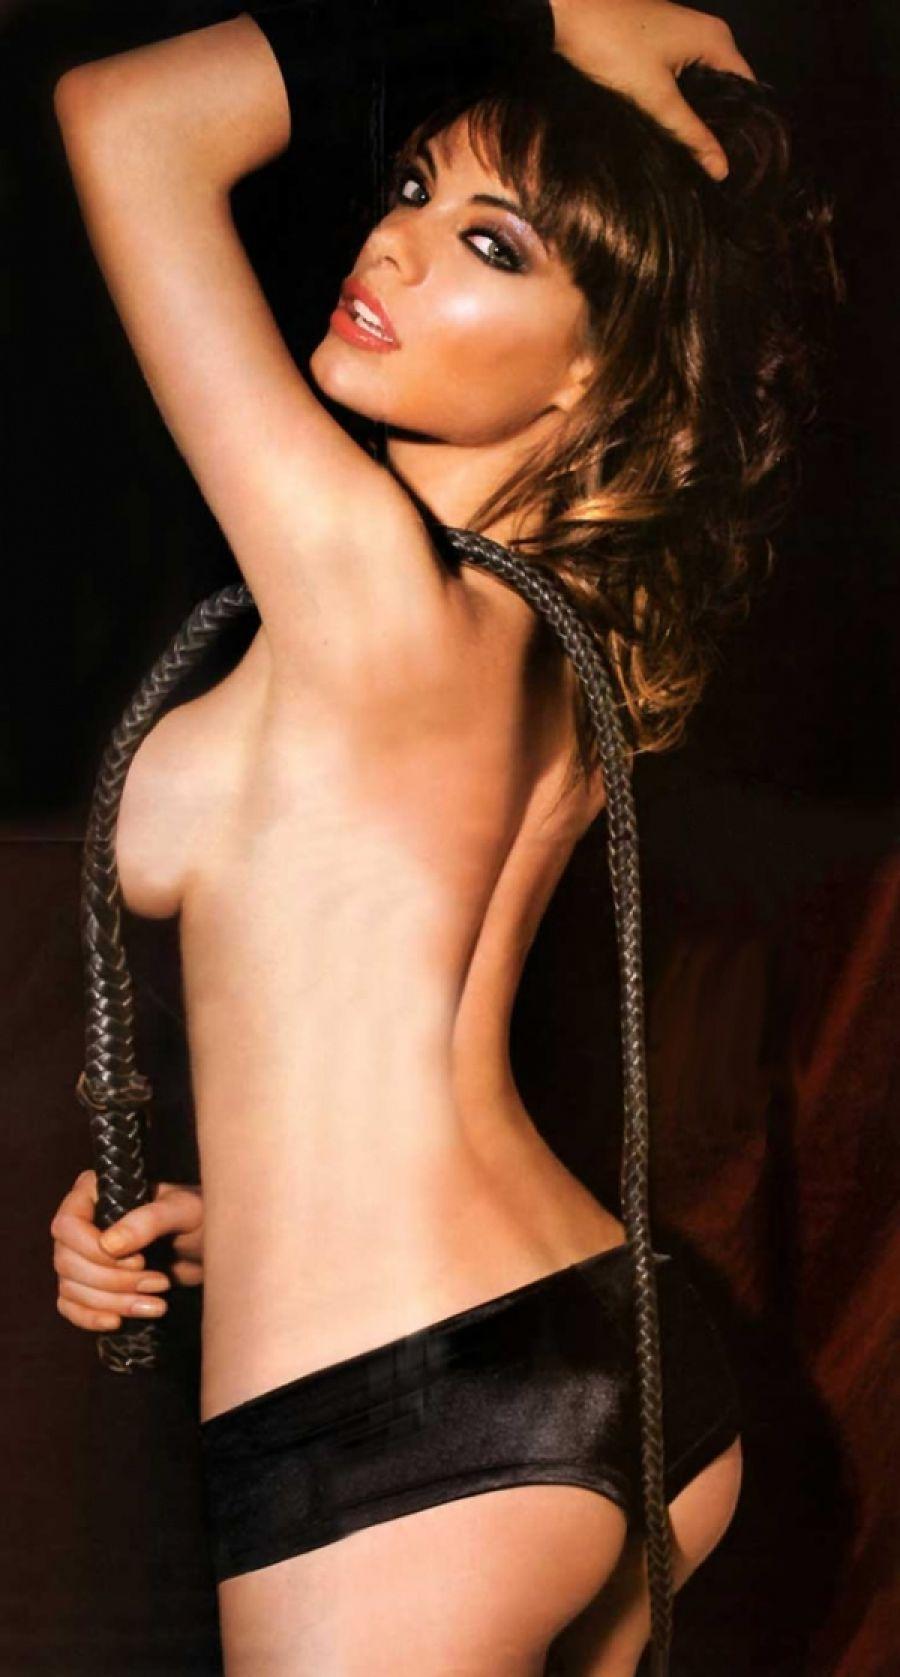 Emilia attias hot nude